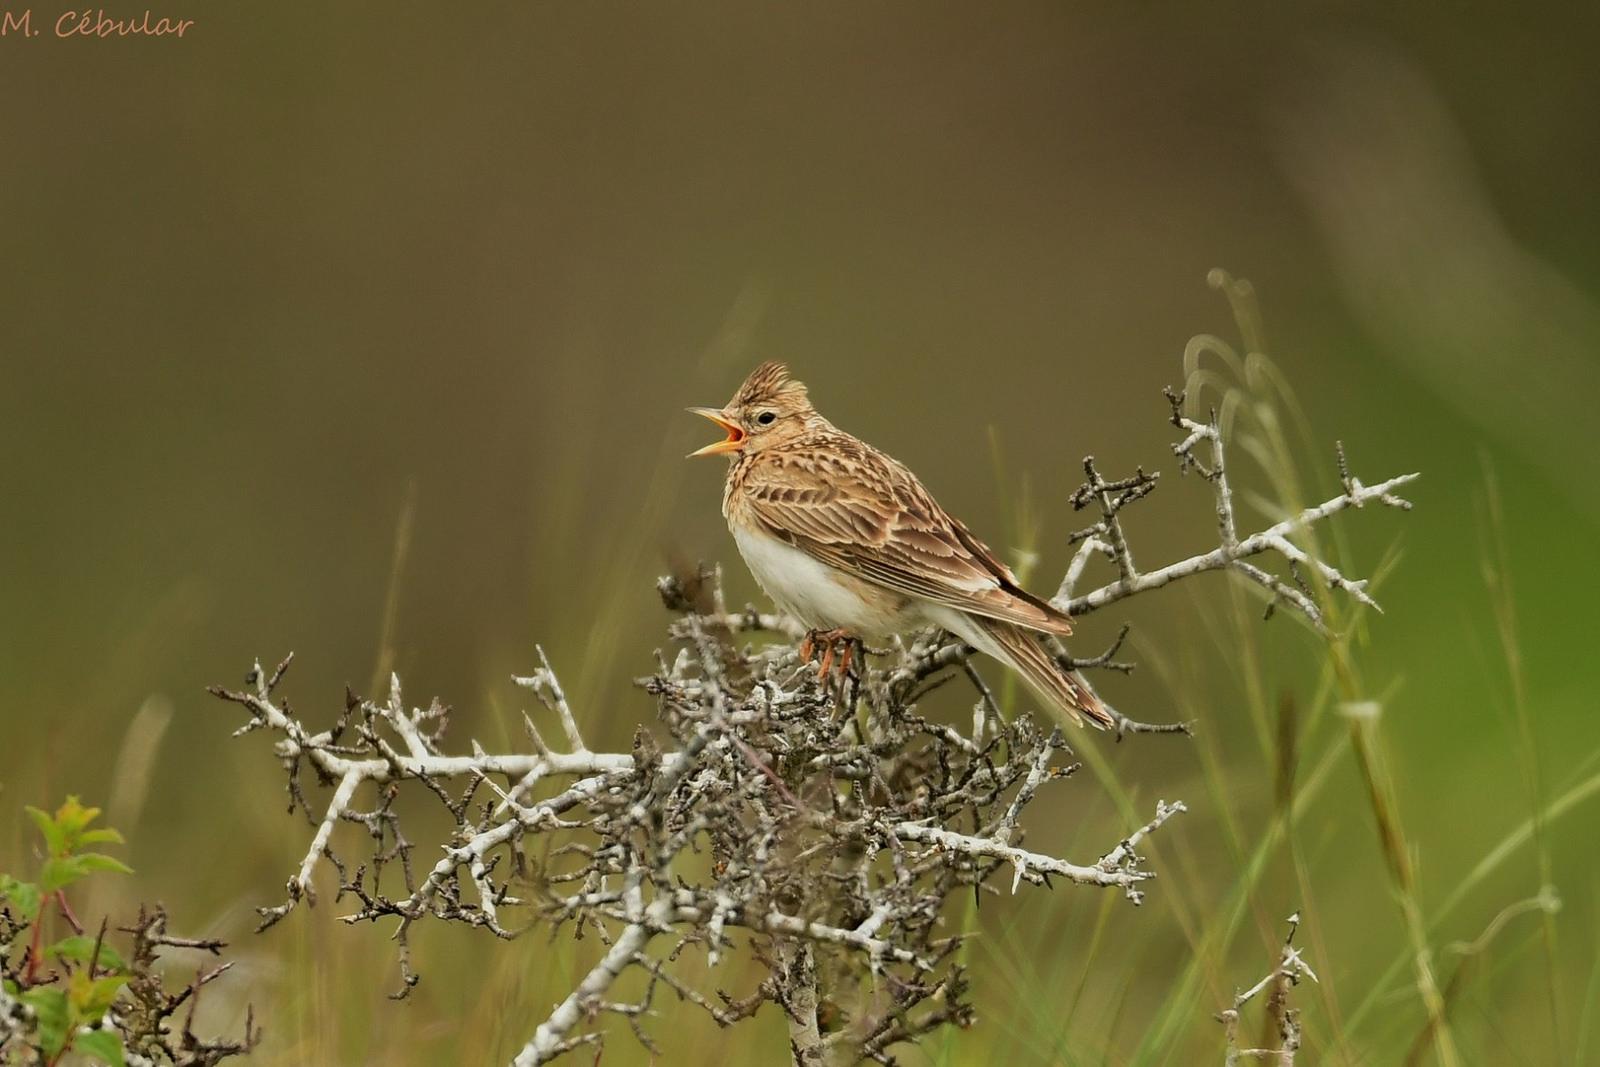 Oui, la disparition annoncée des oiseaux est une bonne nouvelle !